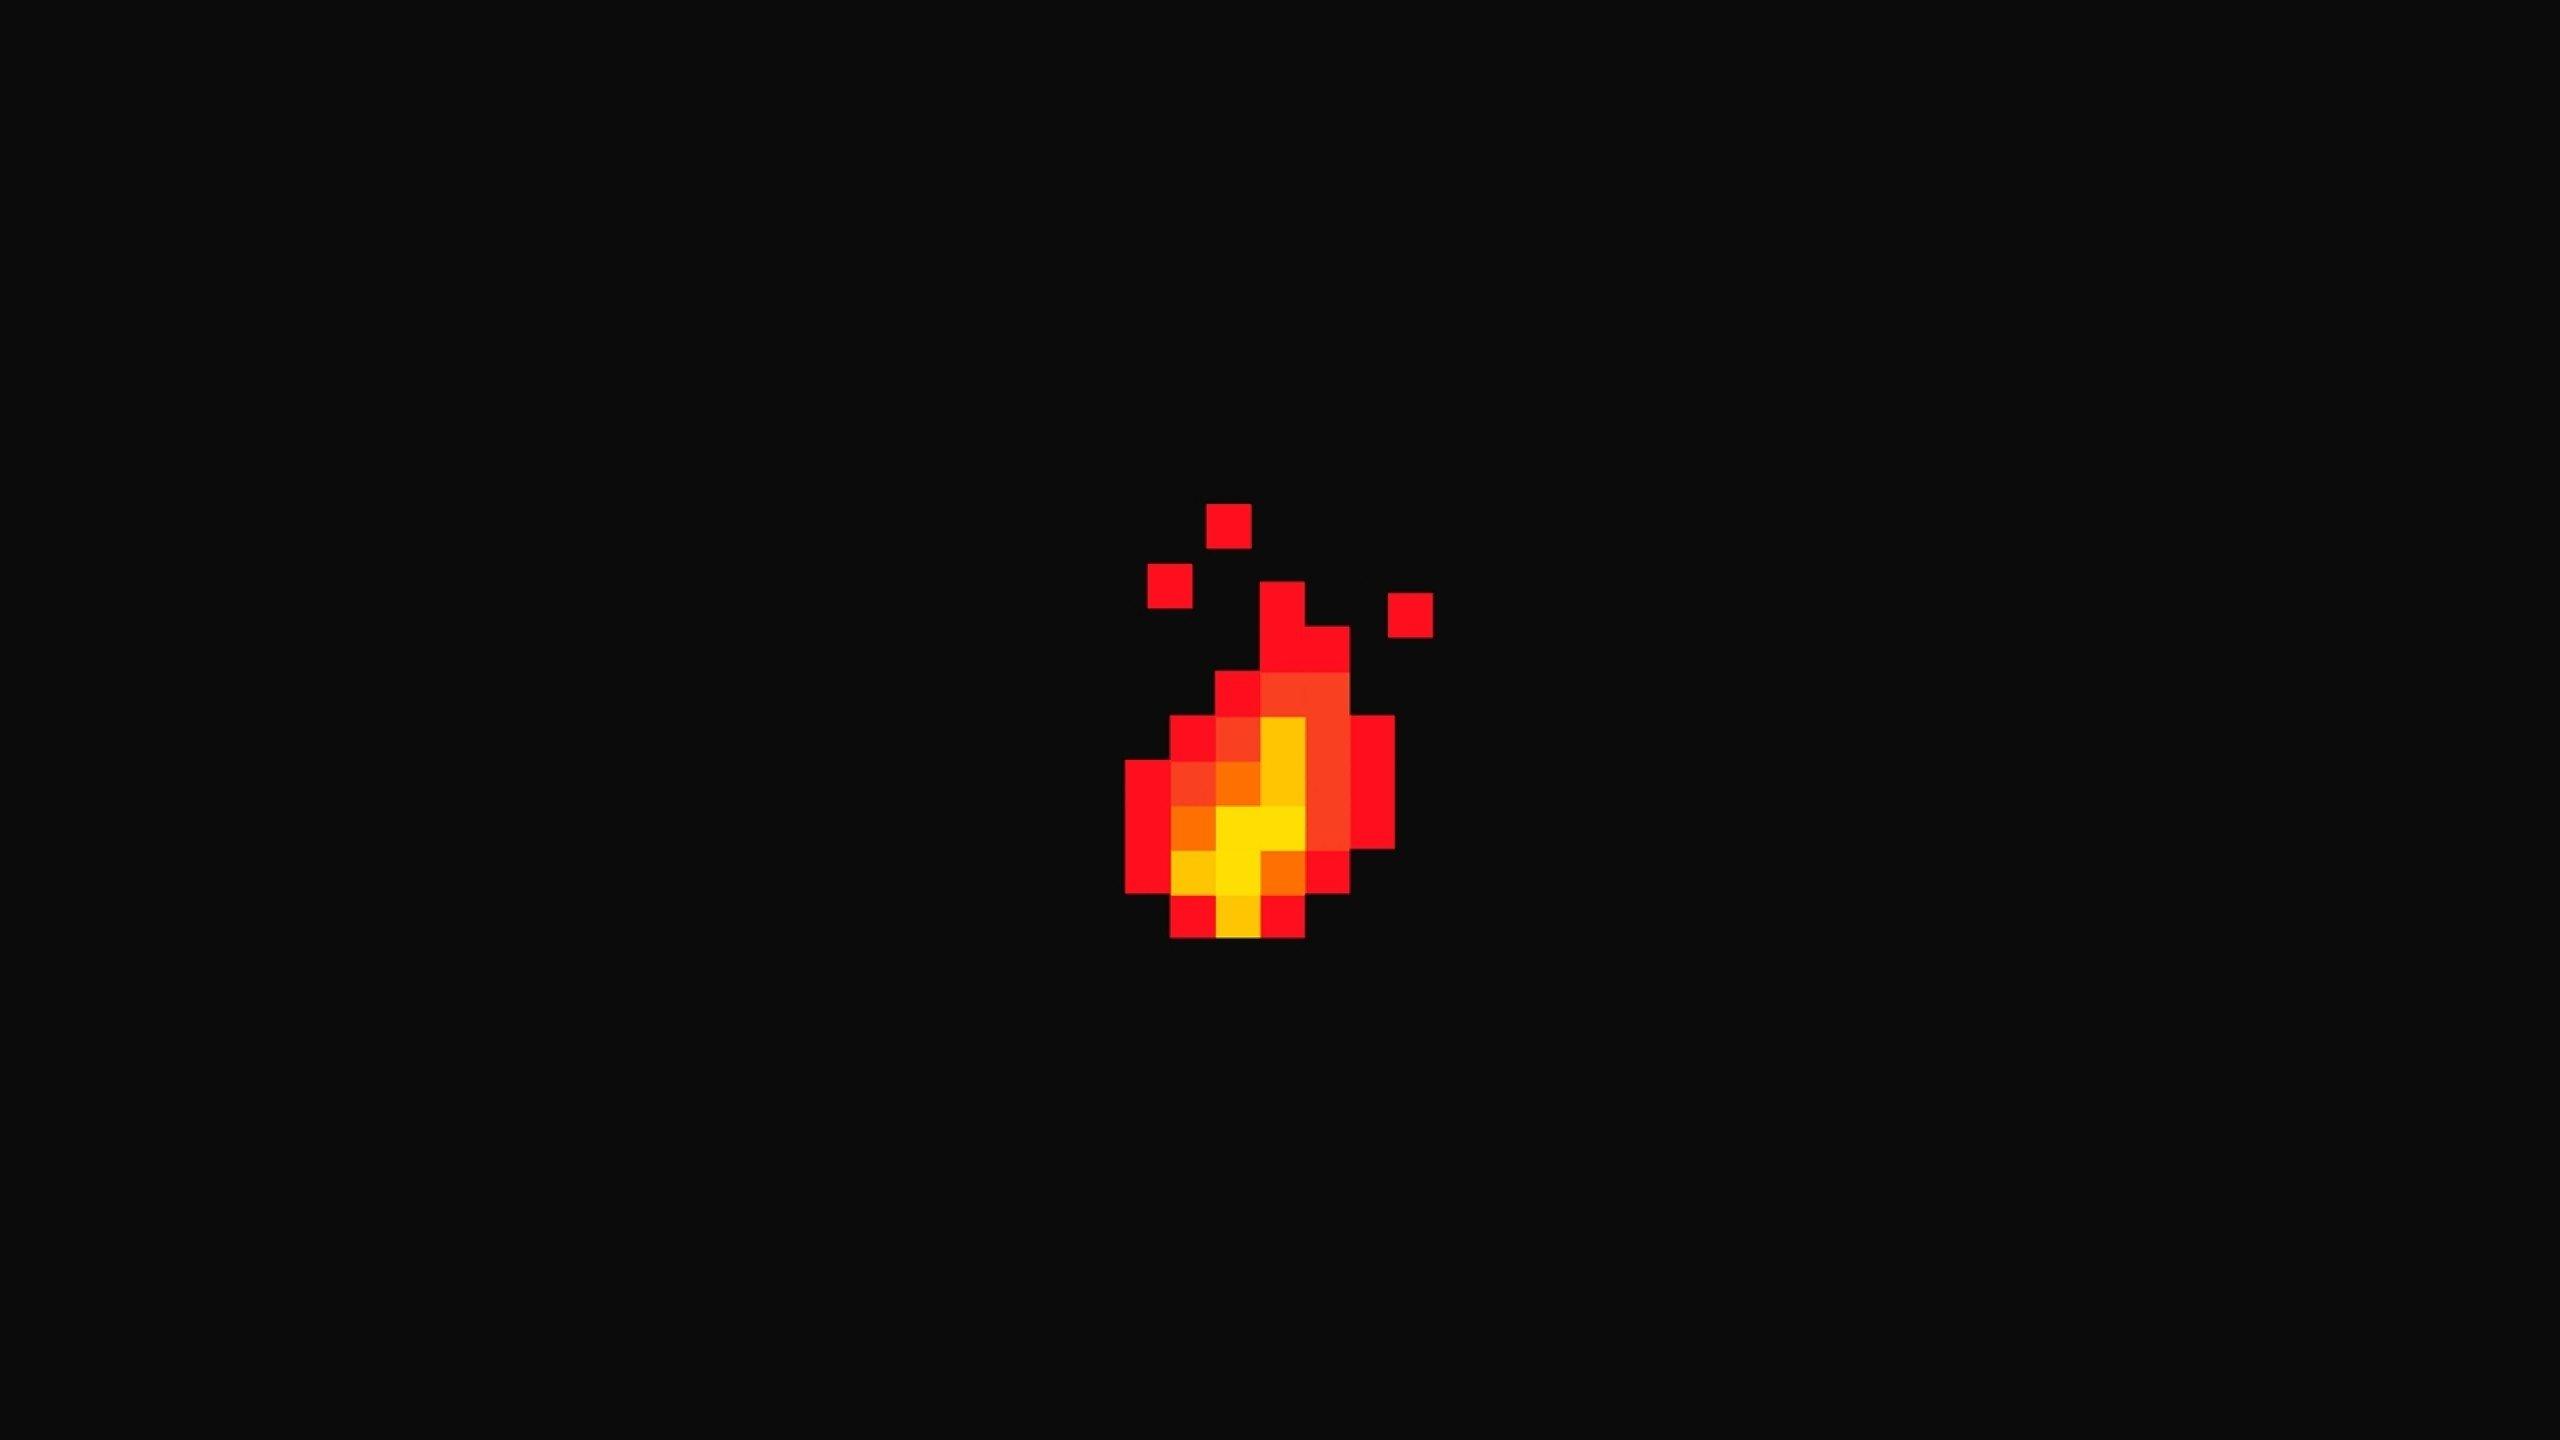 Wallpaper 2560x1440 Px Fire Flares Minimalism Pixel